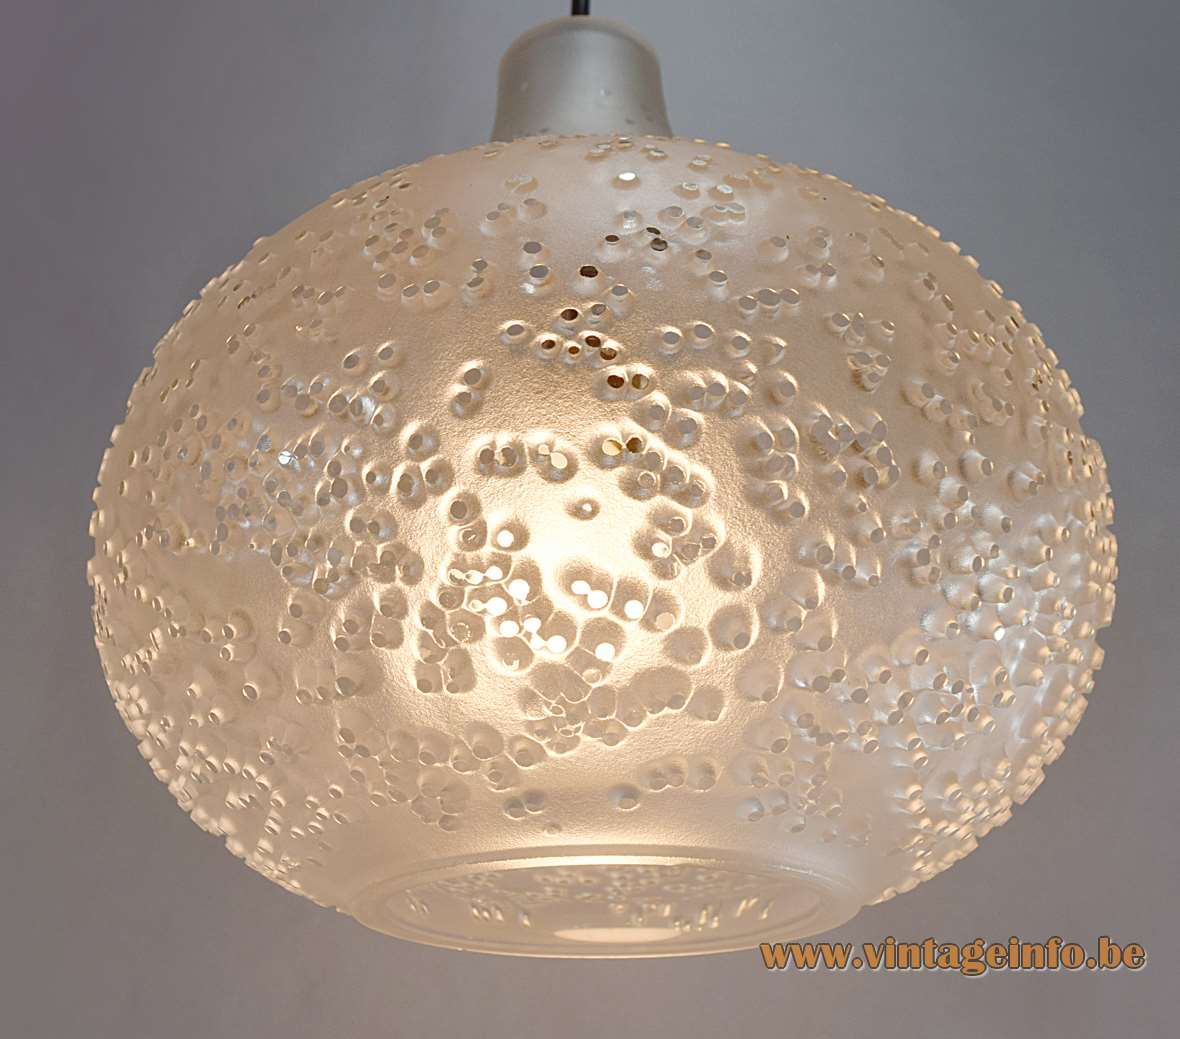 Peill Putzler Patmos Pendant Lamp Horst Tüselmann 1971 clear frosted glass dots spots hand blown